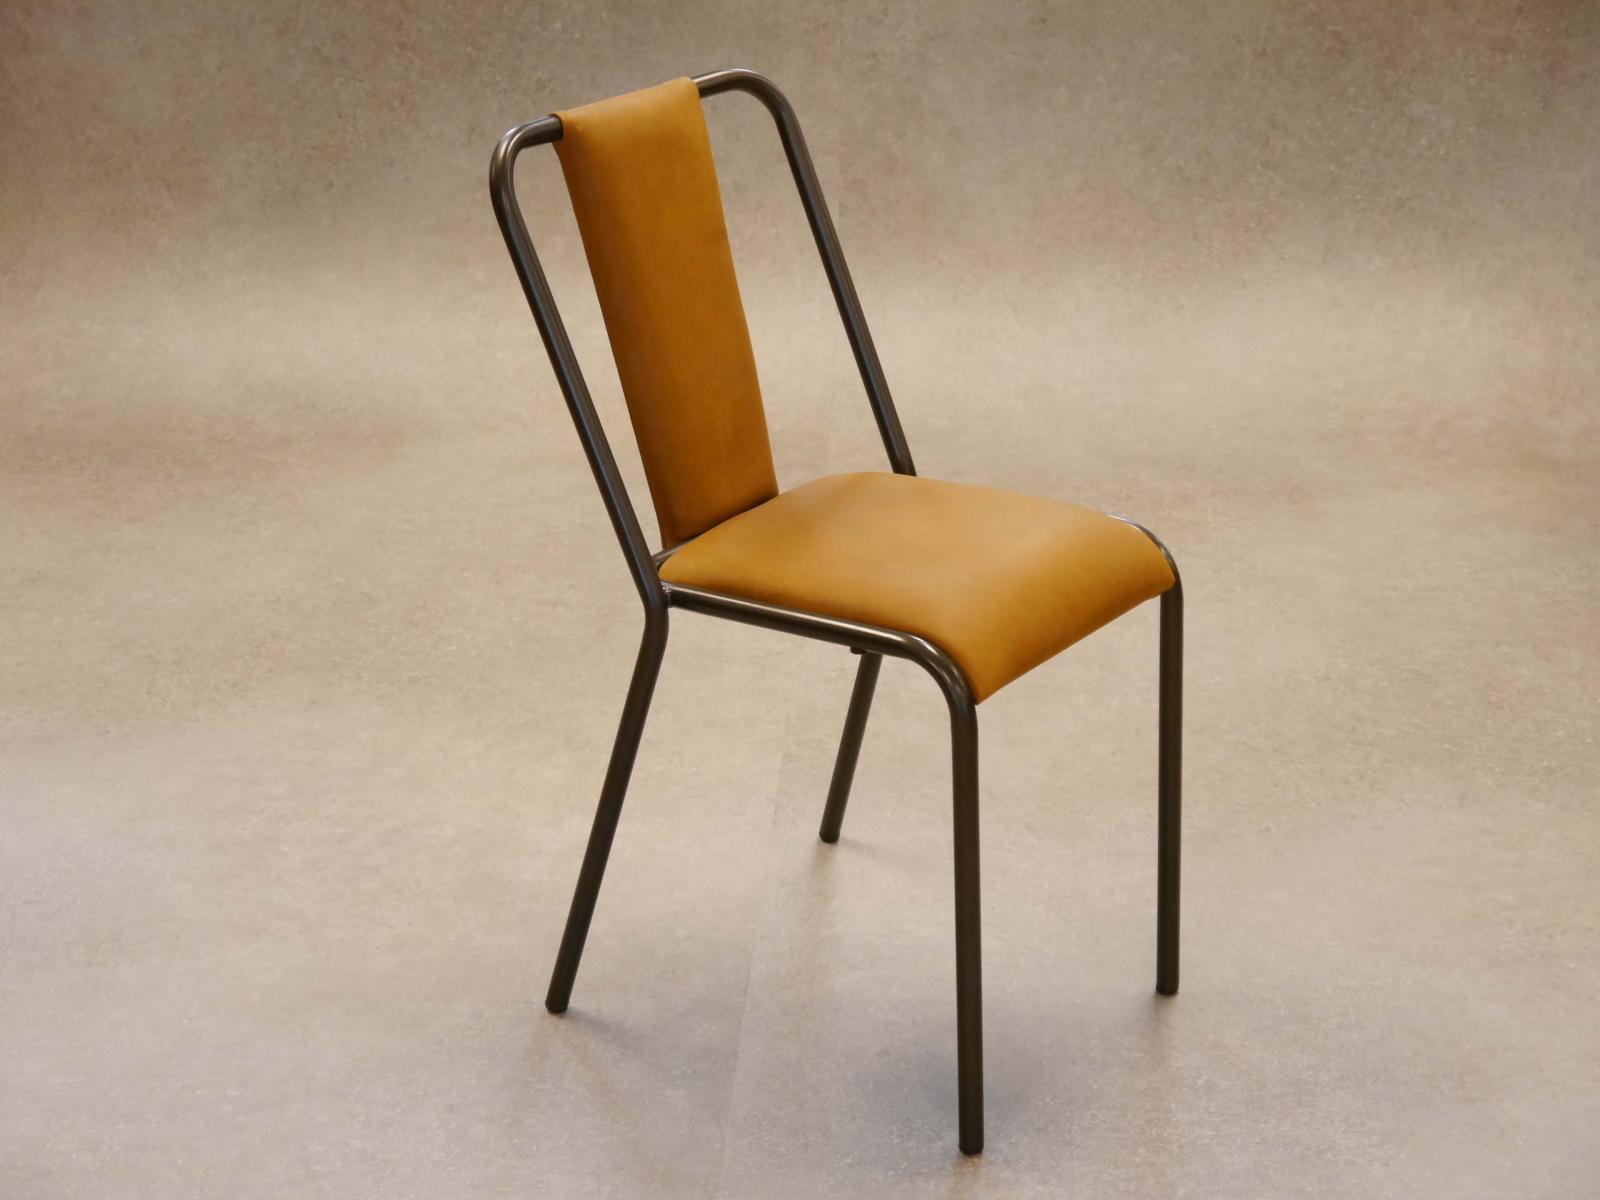 Silla Rochelle estructura manganeso tapizado respaldo y asiento piel a la cera